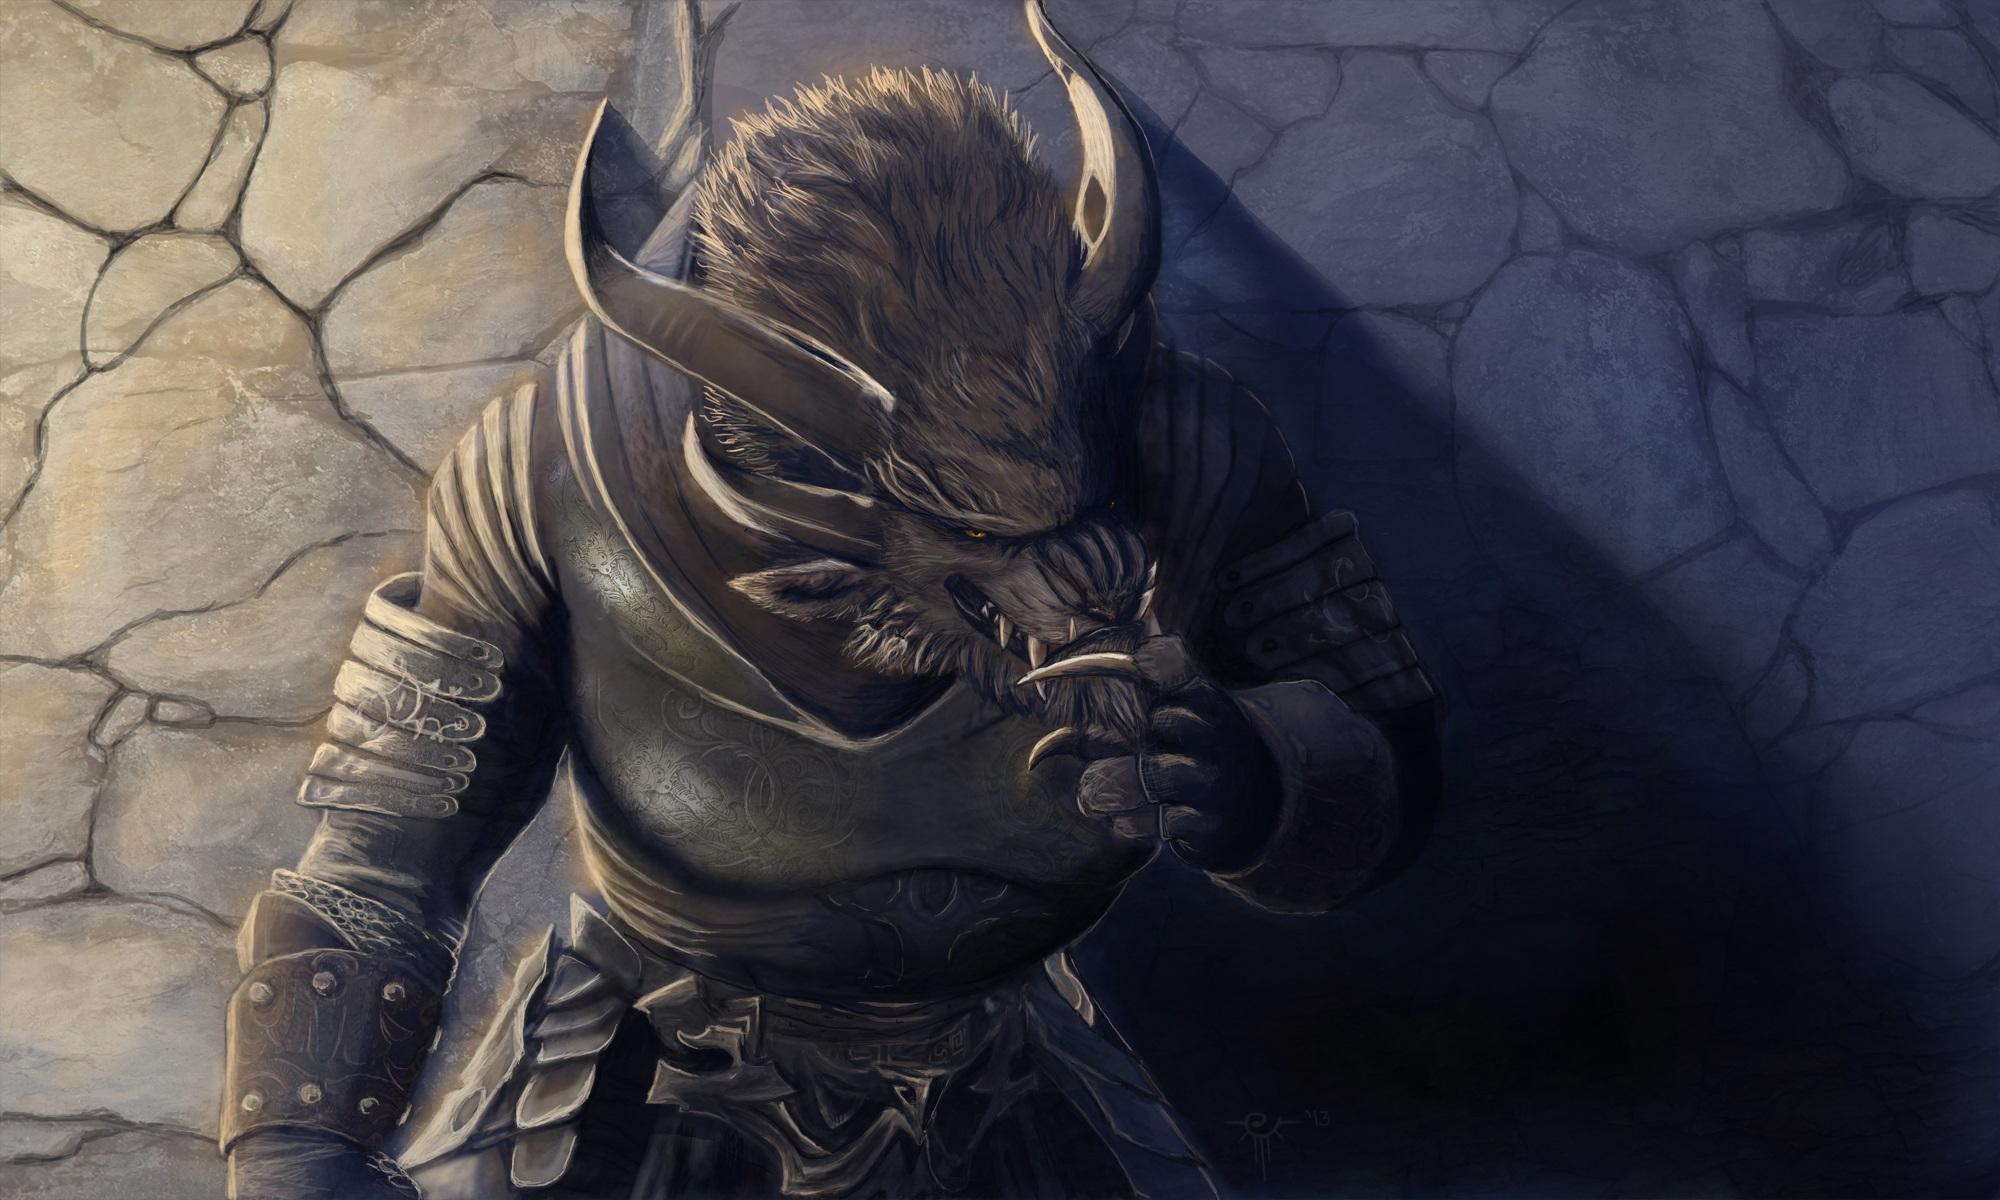 Horn of Shadows Armor Warriors Horns Armor Games